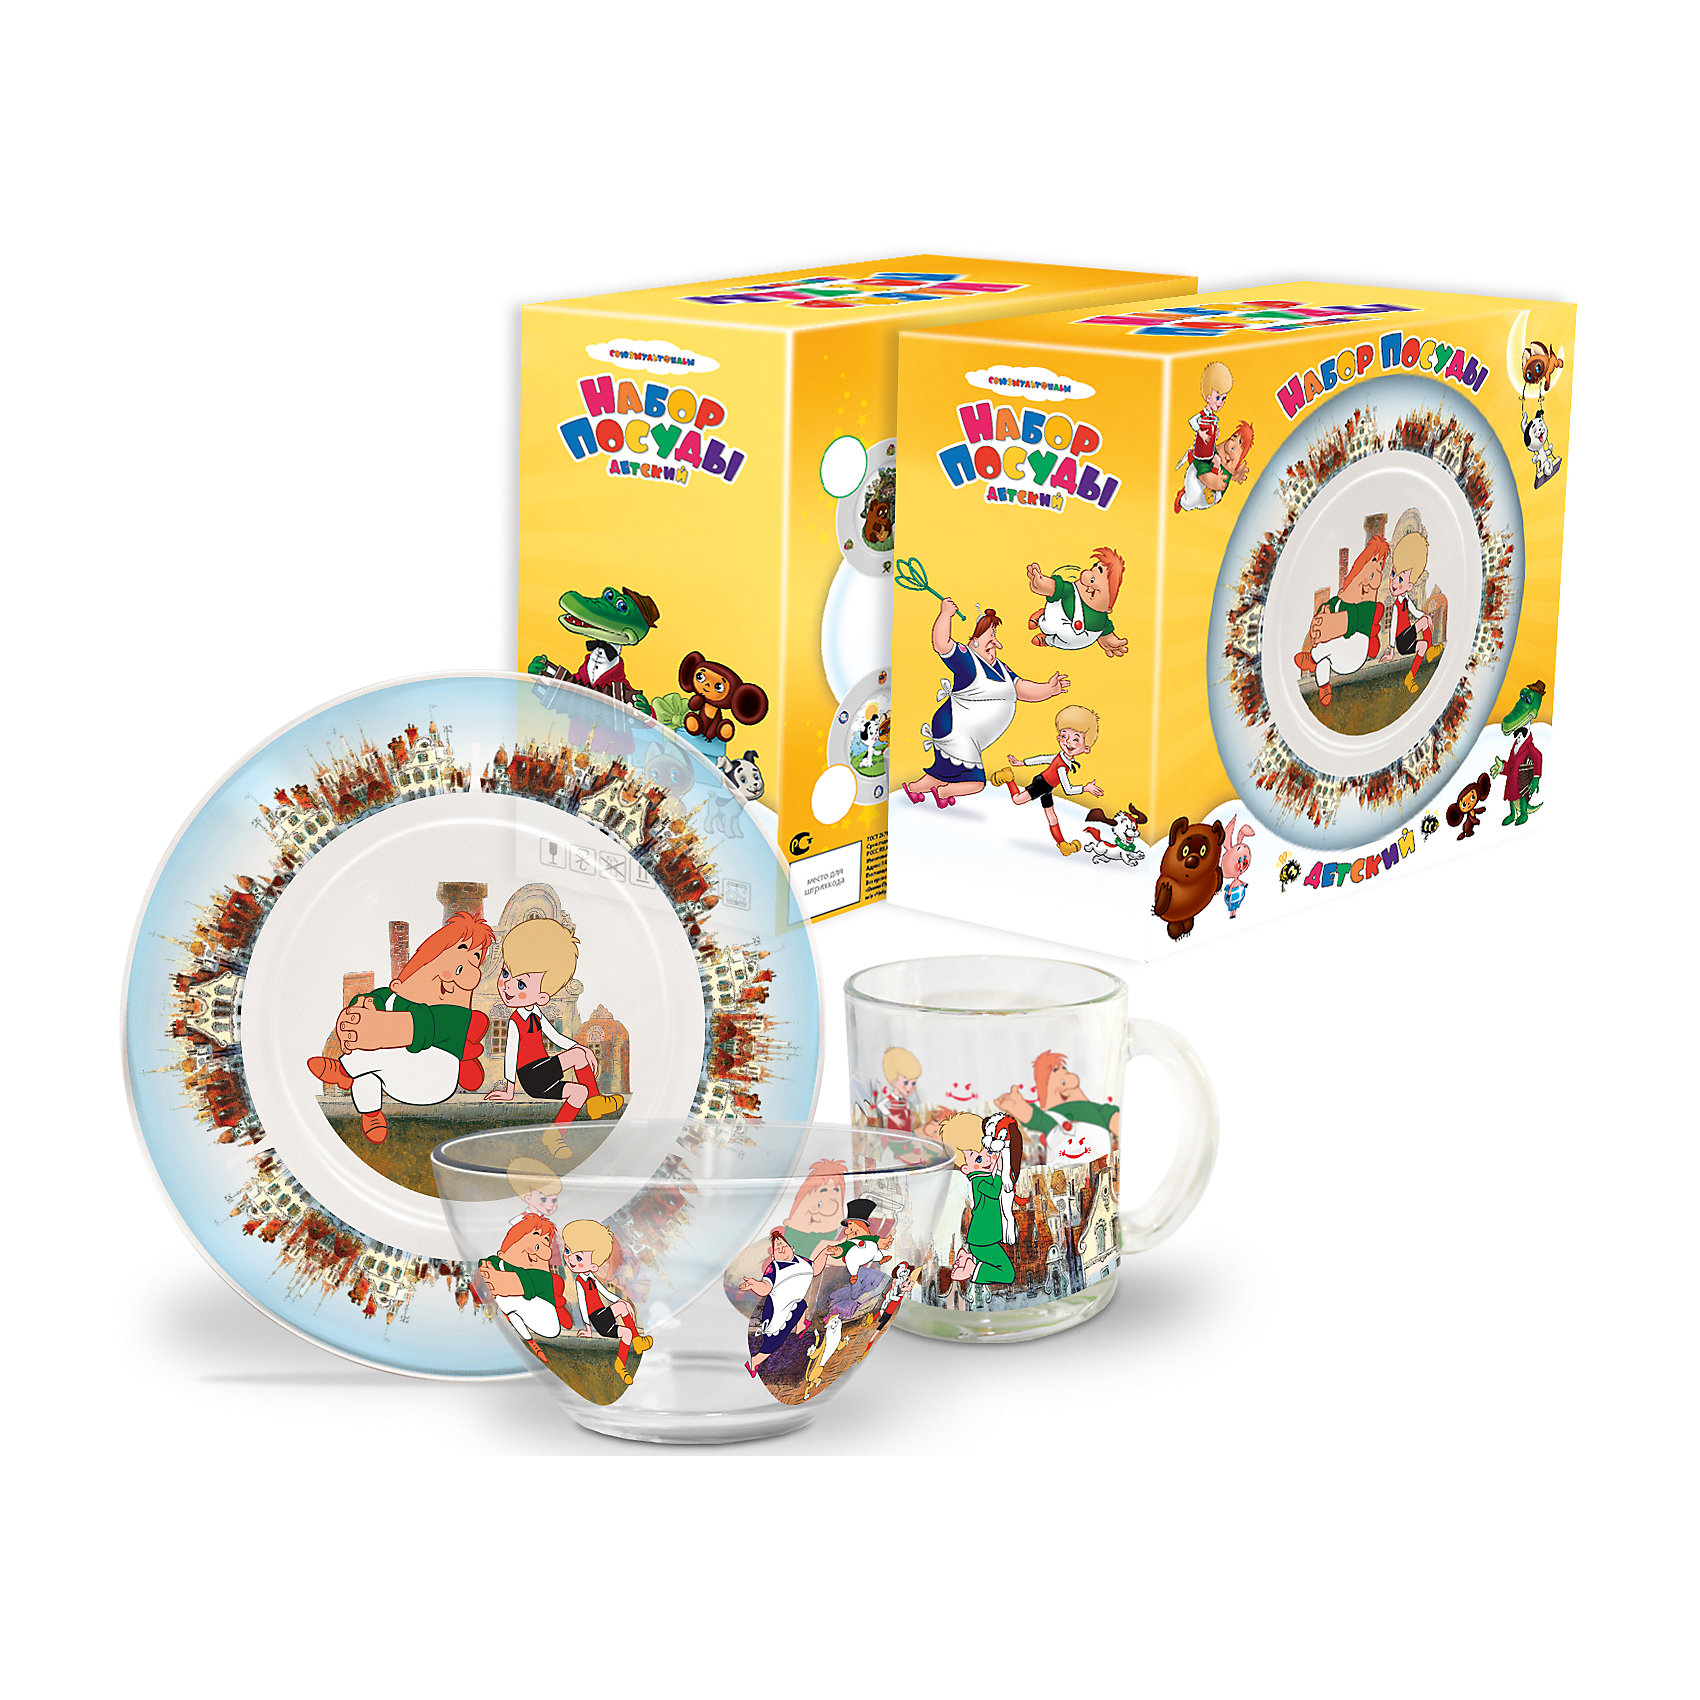 Набор посуды Малыш и Карлсон (стекло, 3 предмета)Завтракать, обедать, ужинать с любимыми героями - приятнее и вкуснее! Набор посуды с изображением культовых и всем известных персонажей студии Союзмультфильм обязательно понравится детям! Набор состоит из кружки, плоской тарелки и салатника. Кружка среднего размера идеально подойдет для детских рук. Посуда выполнена из ударопрочного стекла, раскрашена стойкими гипоаллергенными красителями безопасными для детей. Яркий набор посуды станет прекрасным подарком на любой праздник. <br><br>Дополнительная информация:<br><br>- Материал: стекло.<br>- Комплектация, 3 предмета: кружка, салатник, плоская тарелка. <br>- Размер: салатник, d - 13 см, тарелка, d - 20 см.<br>- Объем кружки: 200 мл.<br>- Размер упаковки: 20х20х10 см.<br>- Можно мыть в посудомоечной машине.<br><br>Набор посуды Малыш и Карлсон (стекло, 3 предмета), можно купить в нашем магазине.<br><br>Ширина мм: 200<br>Глубина мм: 200<br>Высота мм: 95<br>Вес г: 930<br>Возраст от месяцев: 36<br>Возраст до месяцев: 108<br>Пол: Унисекс<br>Возраст: Детский<br>SKU: 4536282